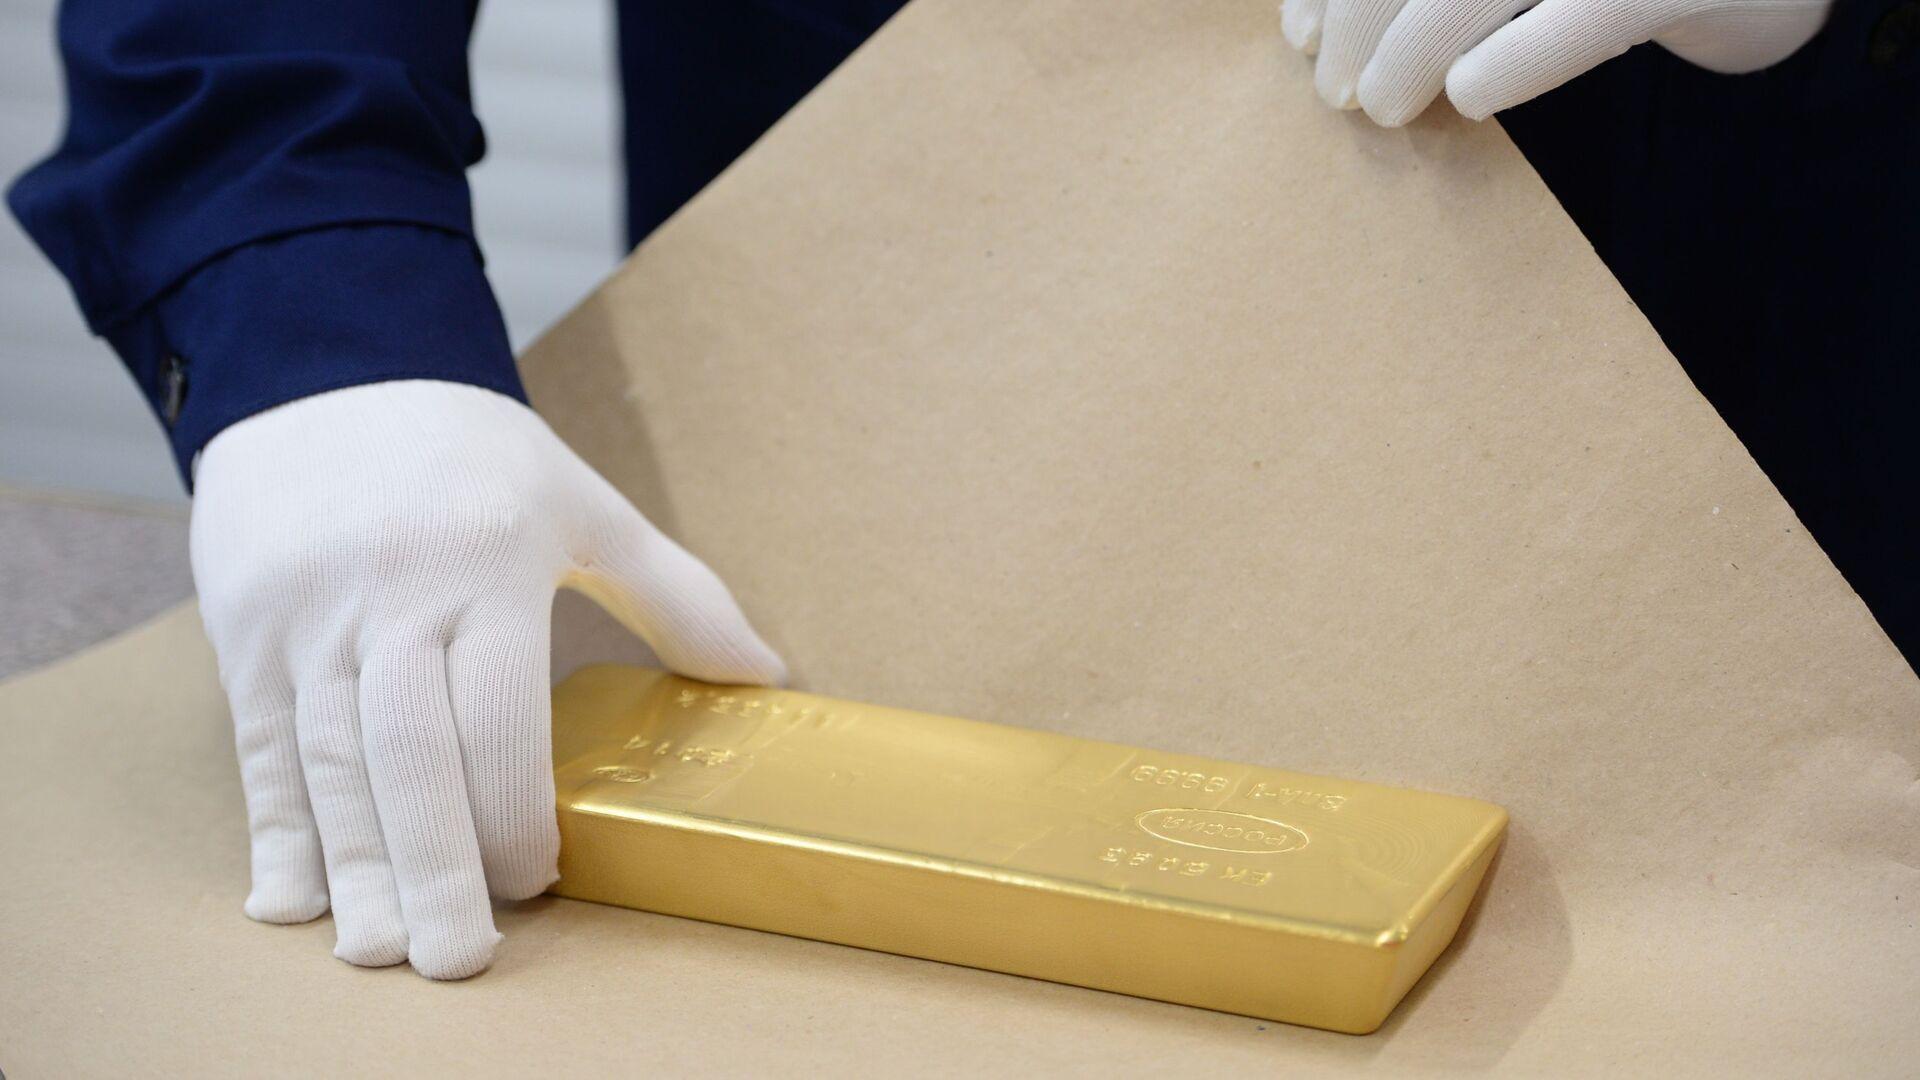 Россия идет на новый рекорд по производству золота, считает эксперт